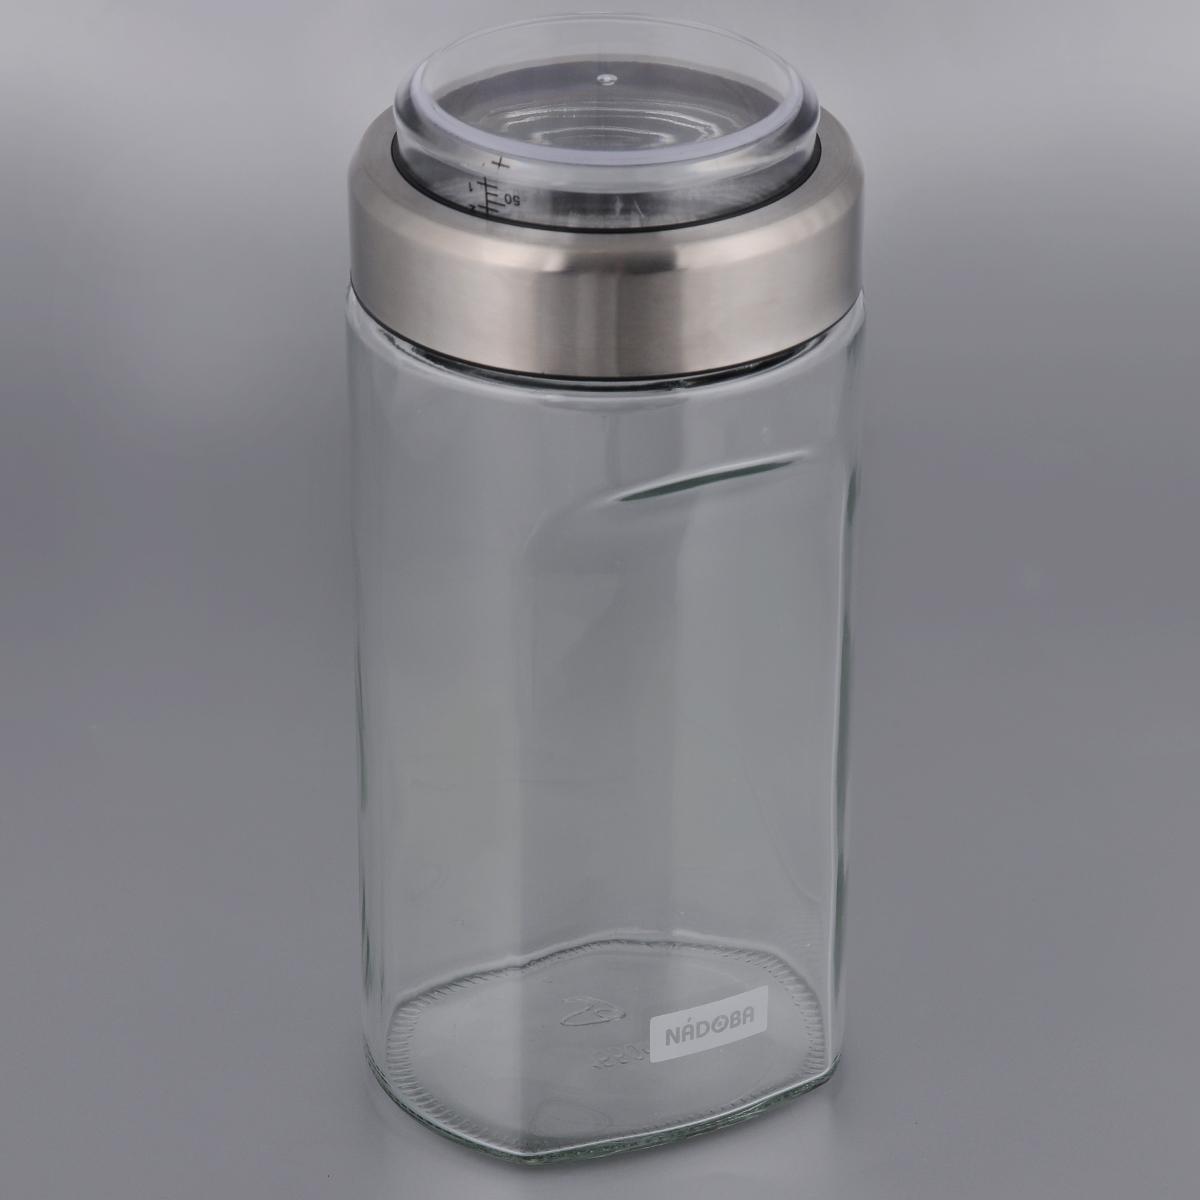 Емкость для сыпучих продуктов Nadoba Petra, с мерным стаканом, 1,55 л741011Емкость Nadoba Petra, изготовленная из высокопрочного стекла, оснащена мерным стаканом, который встроен в крышку. Благодаря эргономичному дизайну изделие удобно брать одной рукой.Стенки емкости прозрачные - хорошо видно, что внутри. Изделие идеально подходит для хранения различных сыпучих продуктов: круп, макарон, специй, кофе, сахара, орехов, кондитерских изделий и многого другого. Диаметр емкости (по верхнему краю): 10 см. Высота (без учета крышки): 22 см.